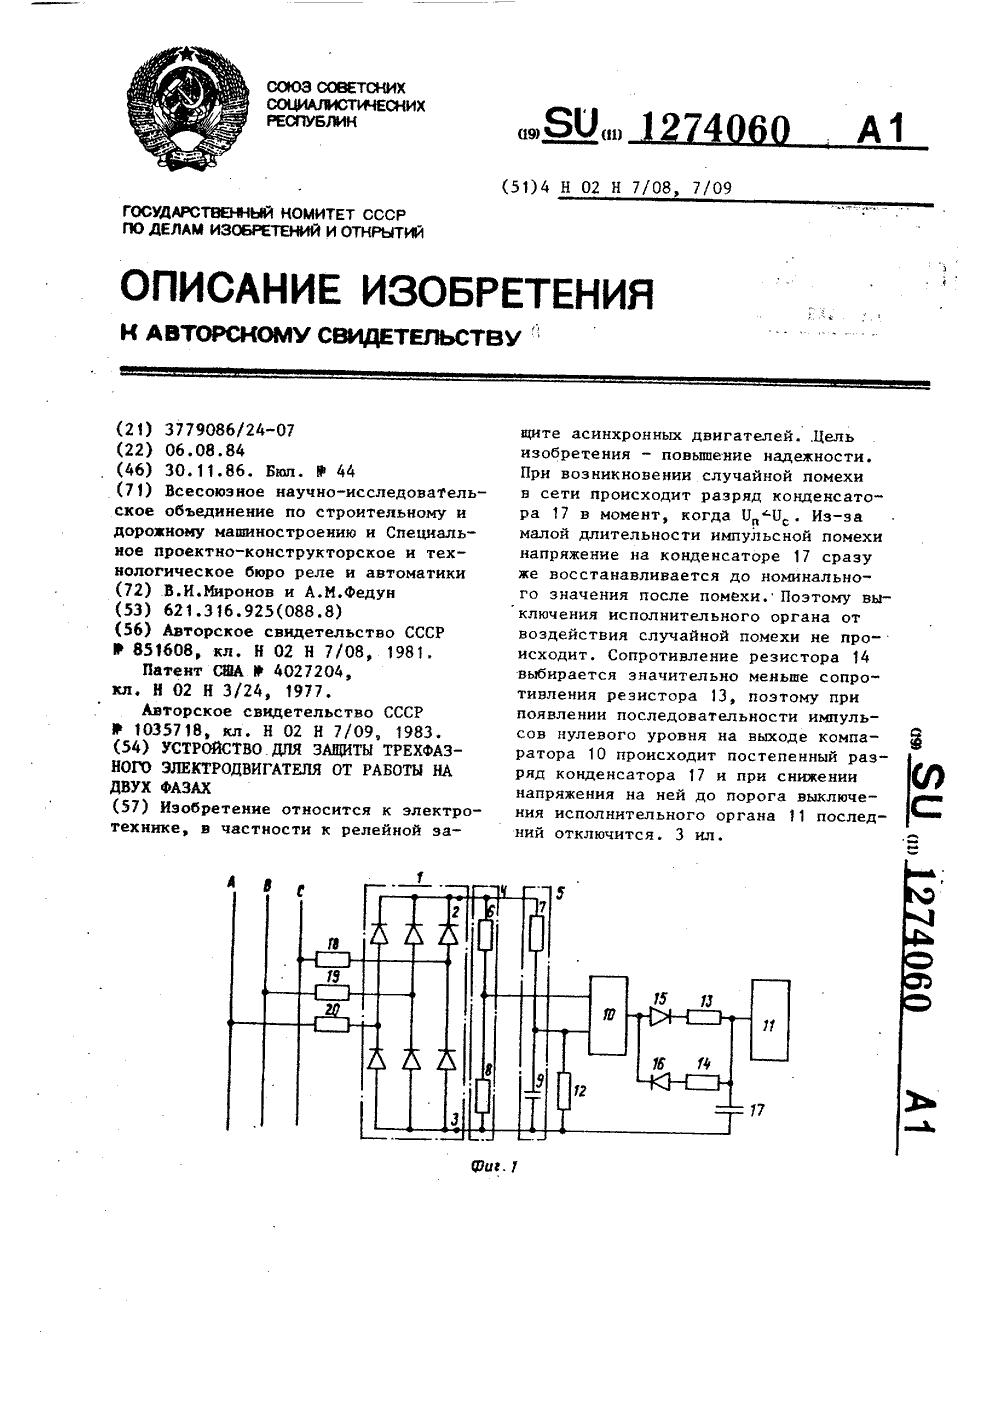 генератор синхронный трехфазный бг-16 схема